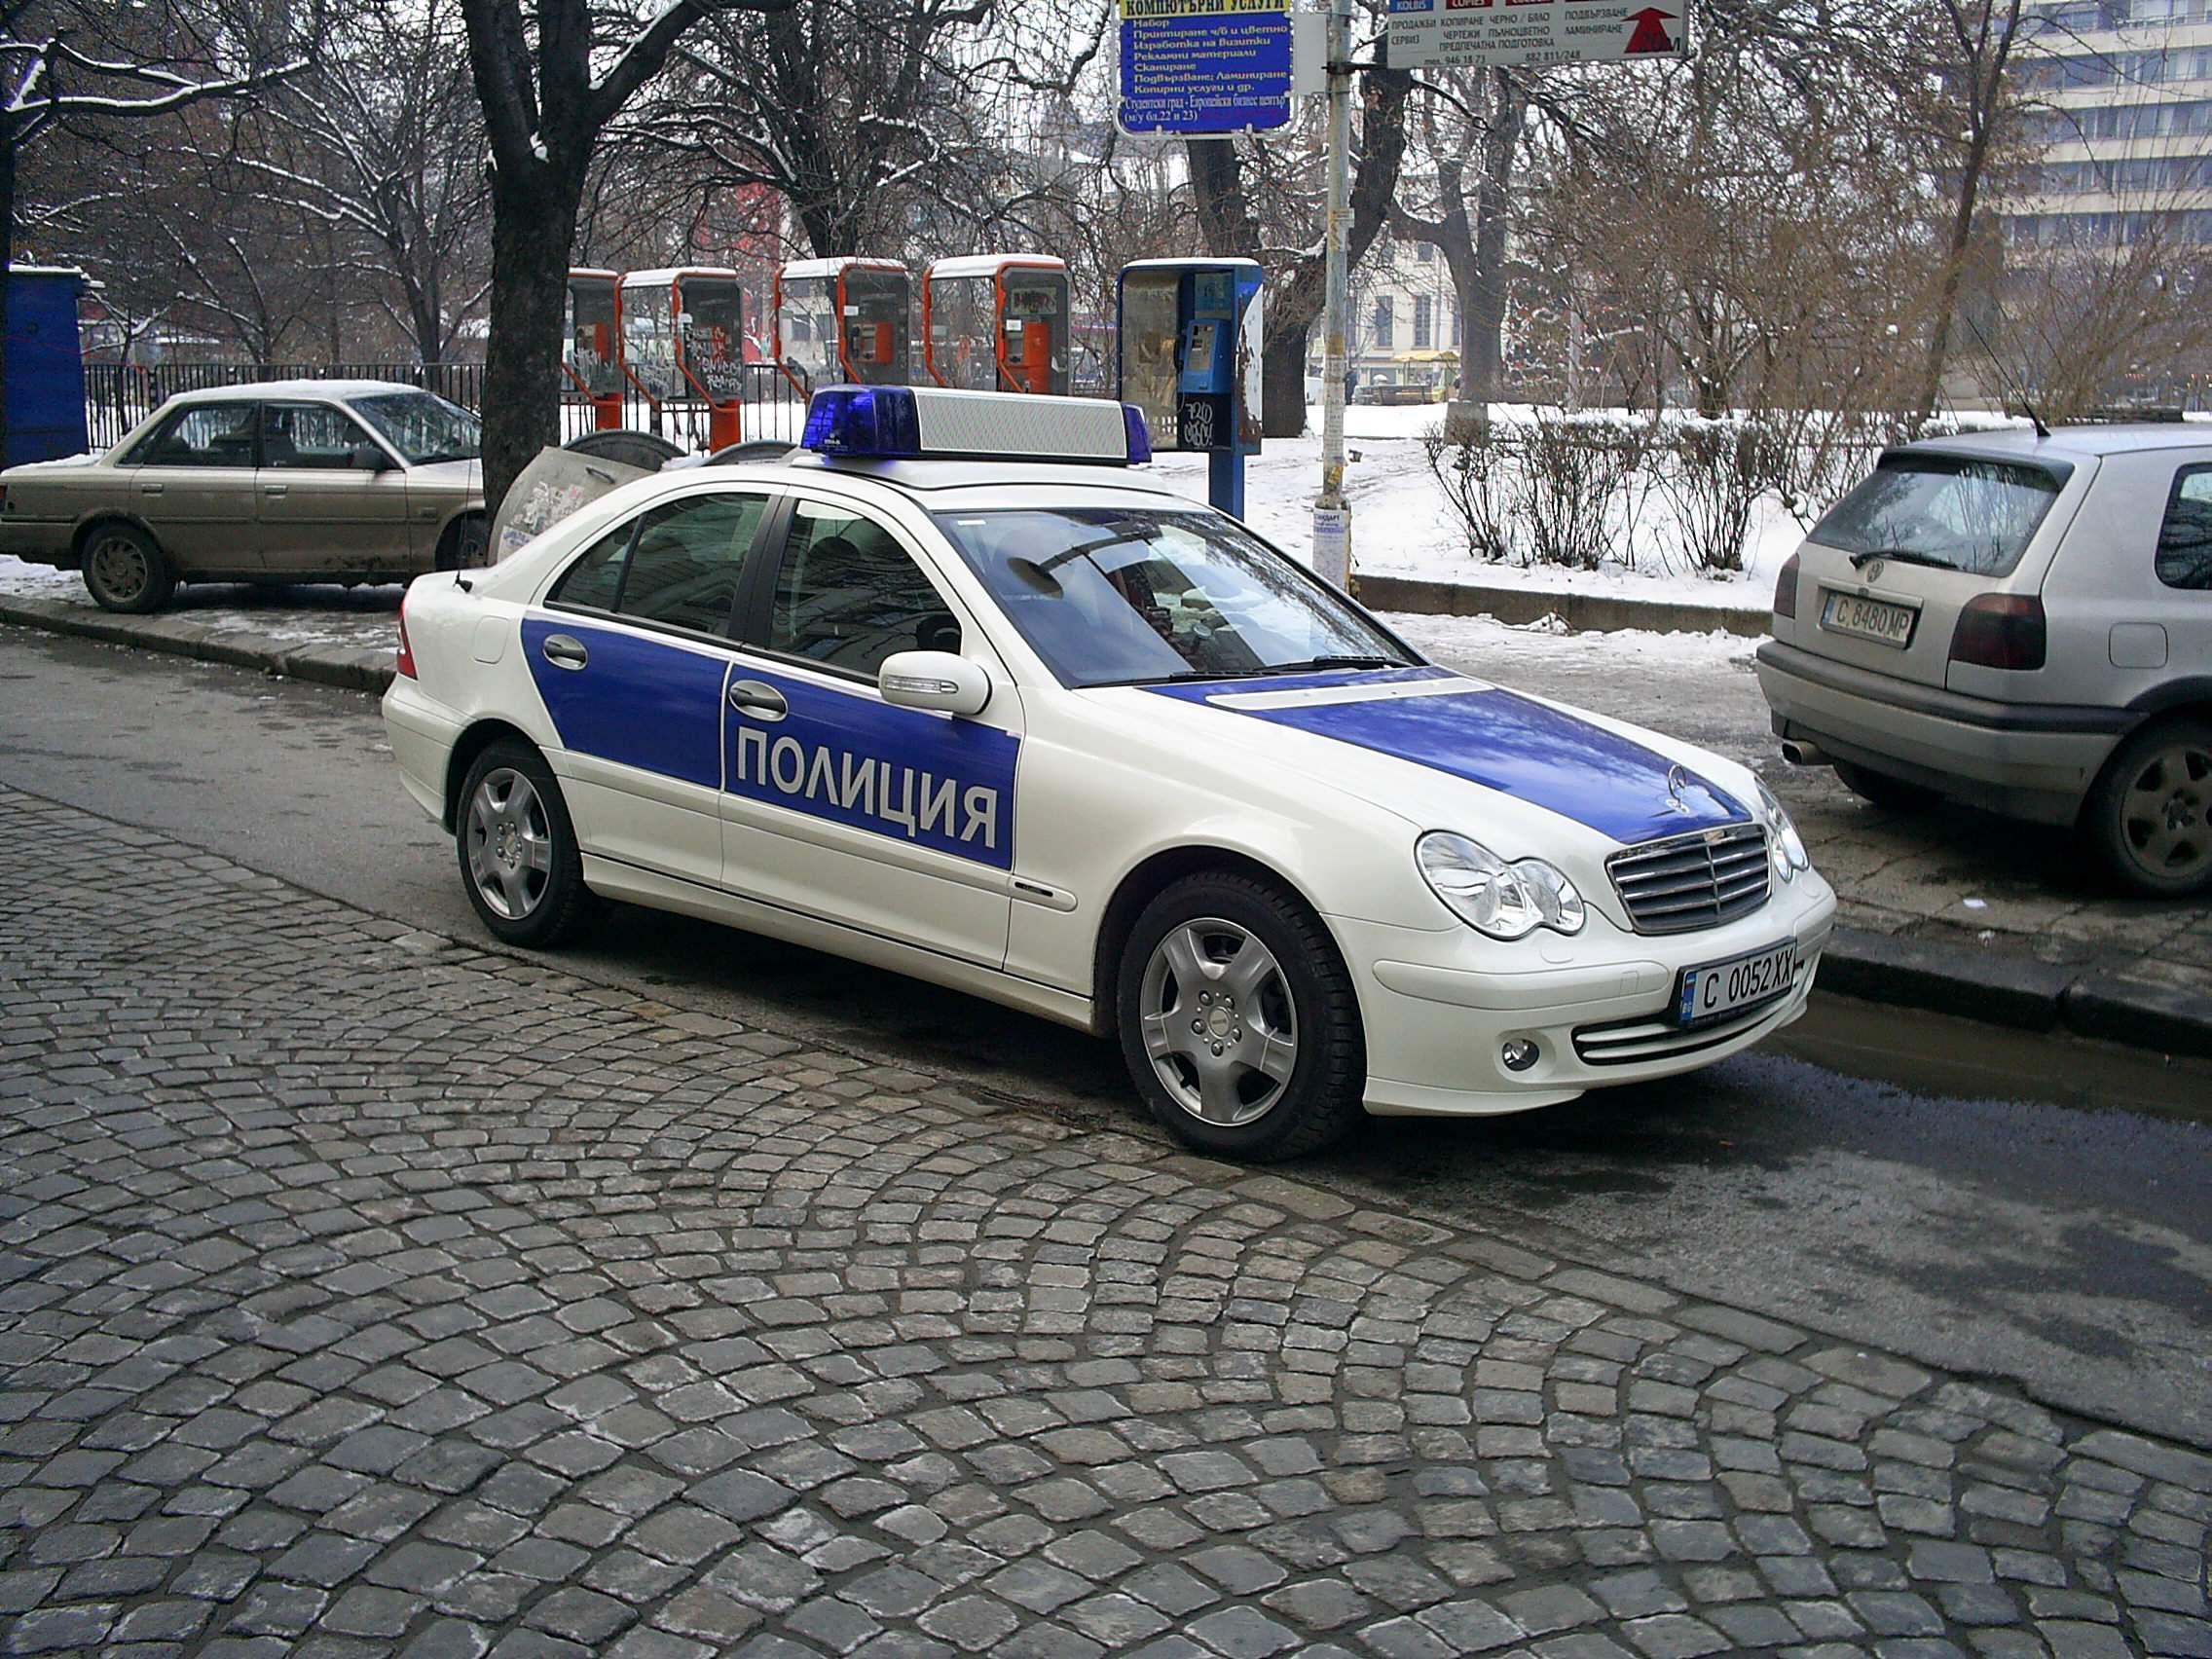 Έξι συλλήψεις στη Βουλγαρία για κατασκοπεία υπέρ της Ρωσίας